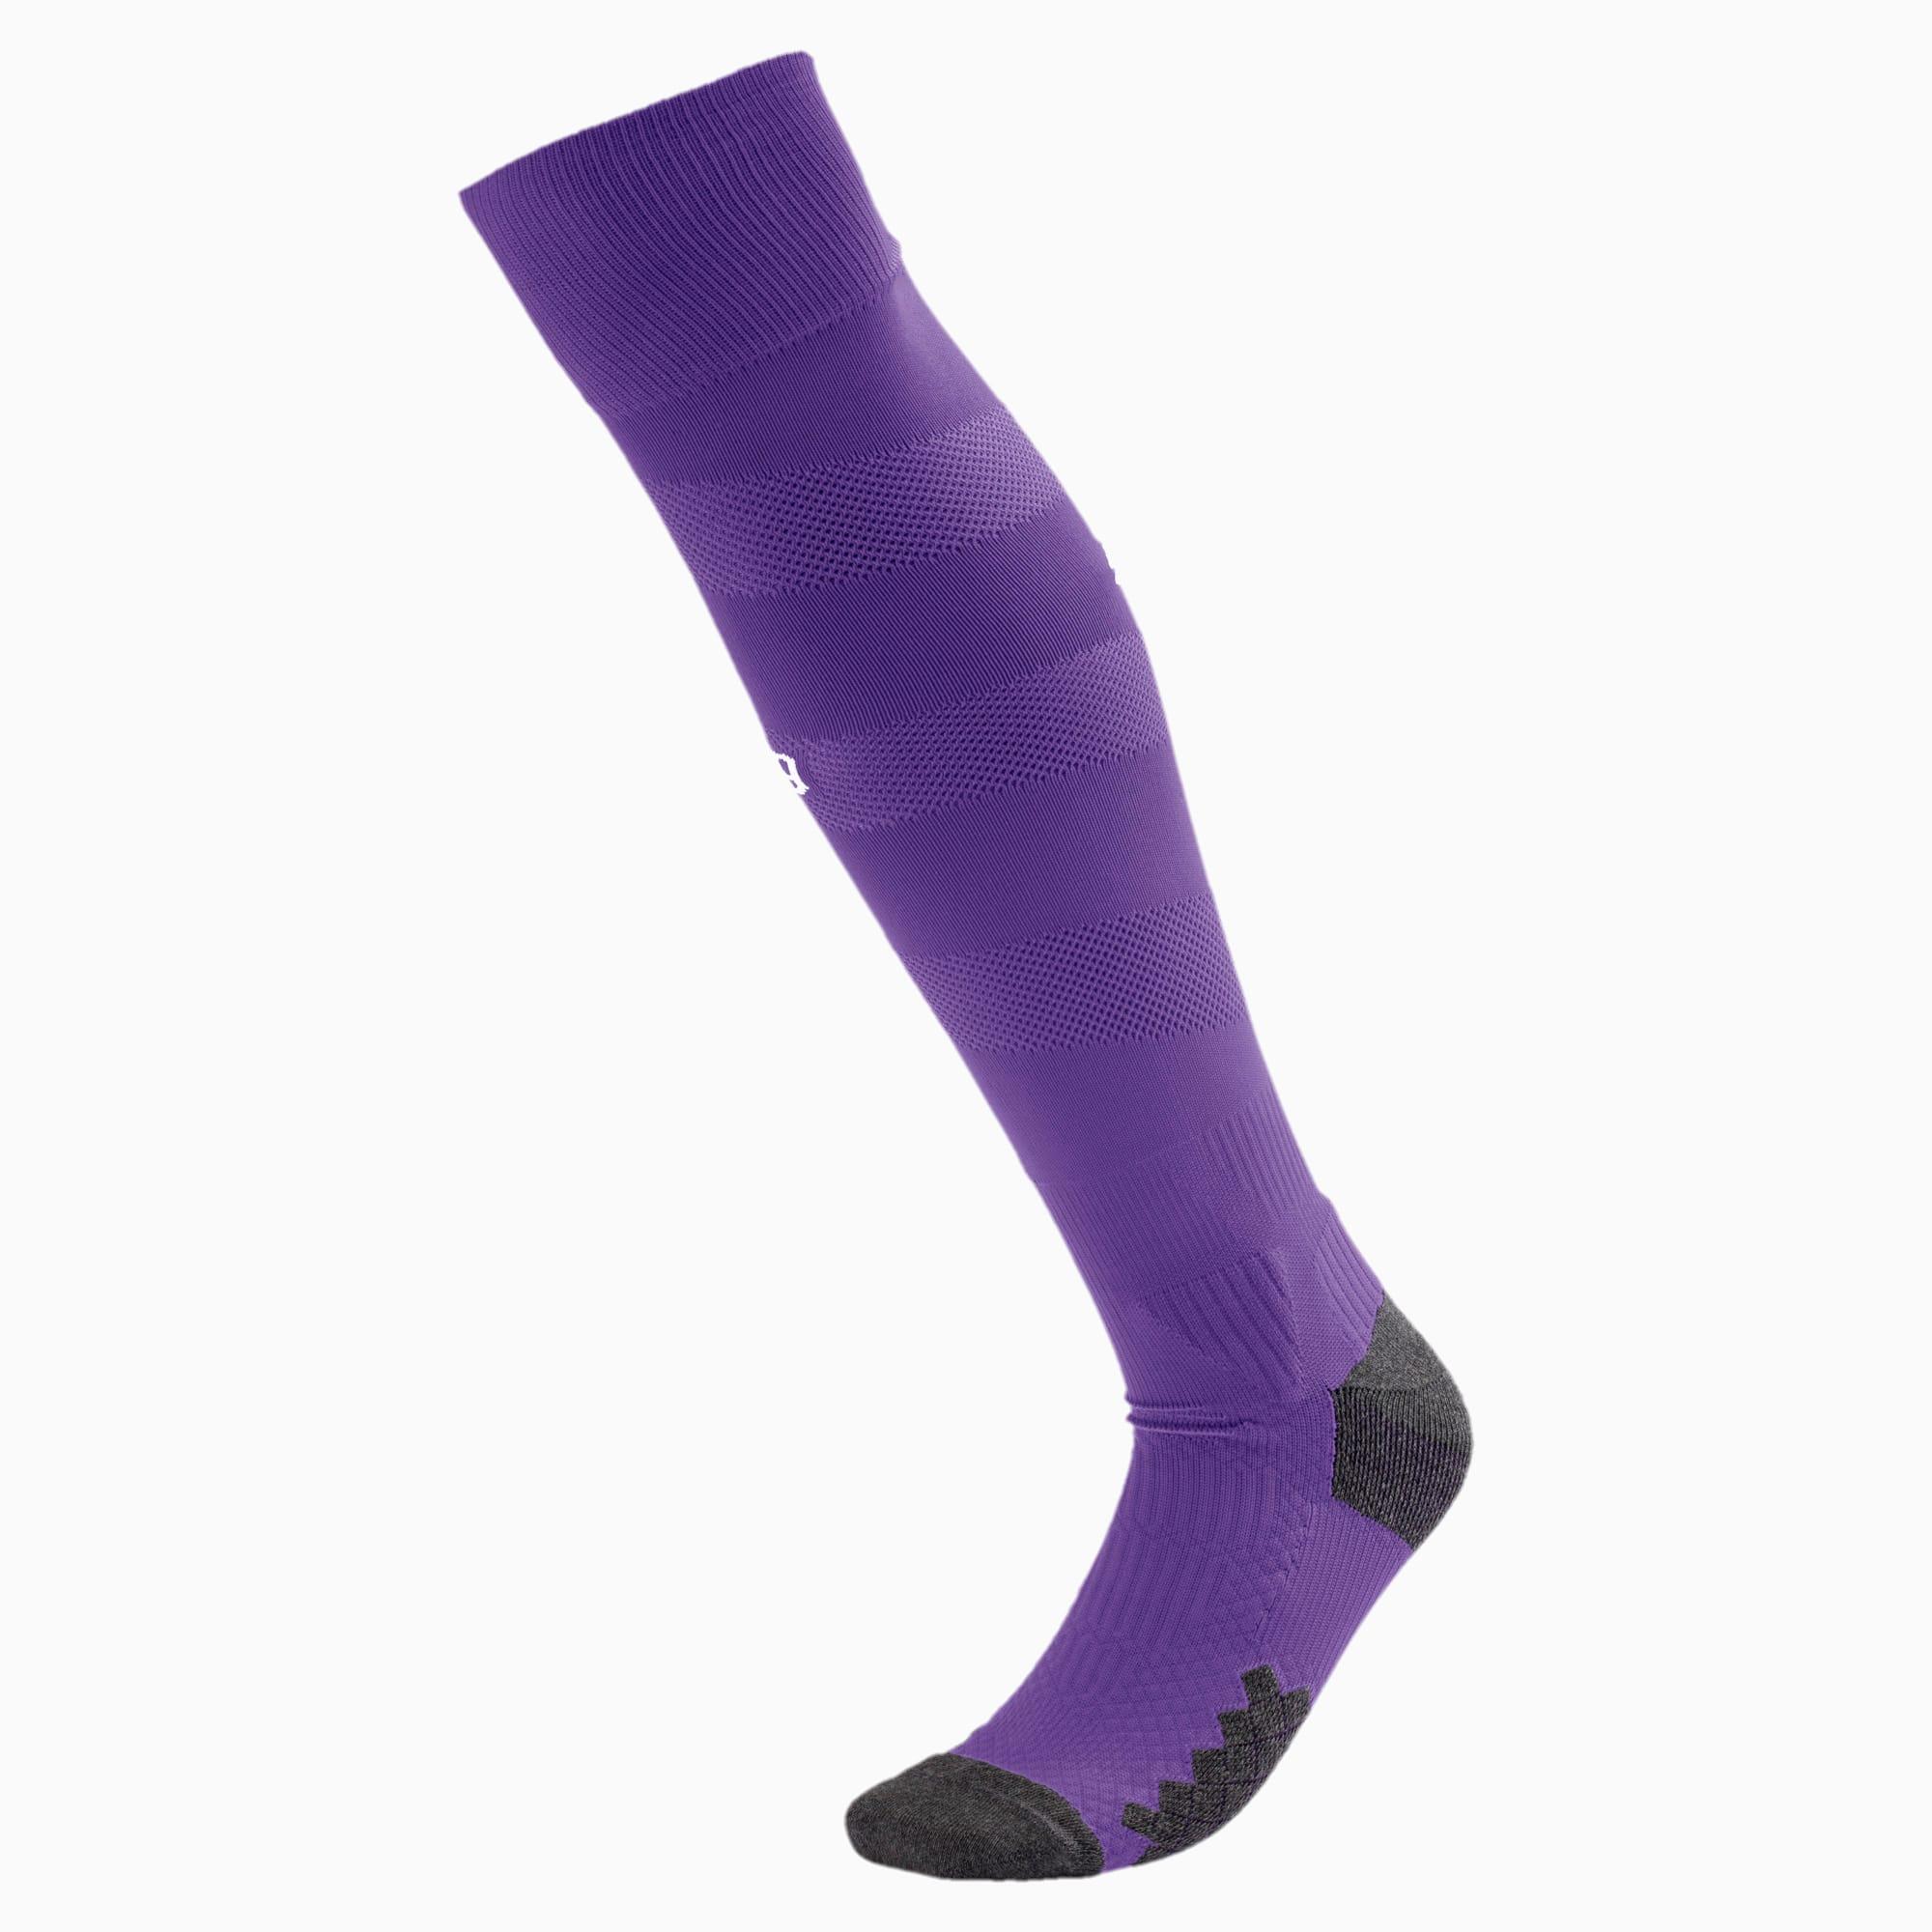 PUMA BVB Herren Spiral Socken   Mit Aucun   Lila/Weiß   Größe: 47-49 755759_04_47-49